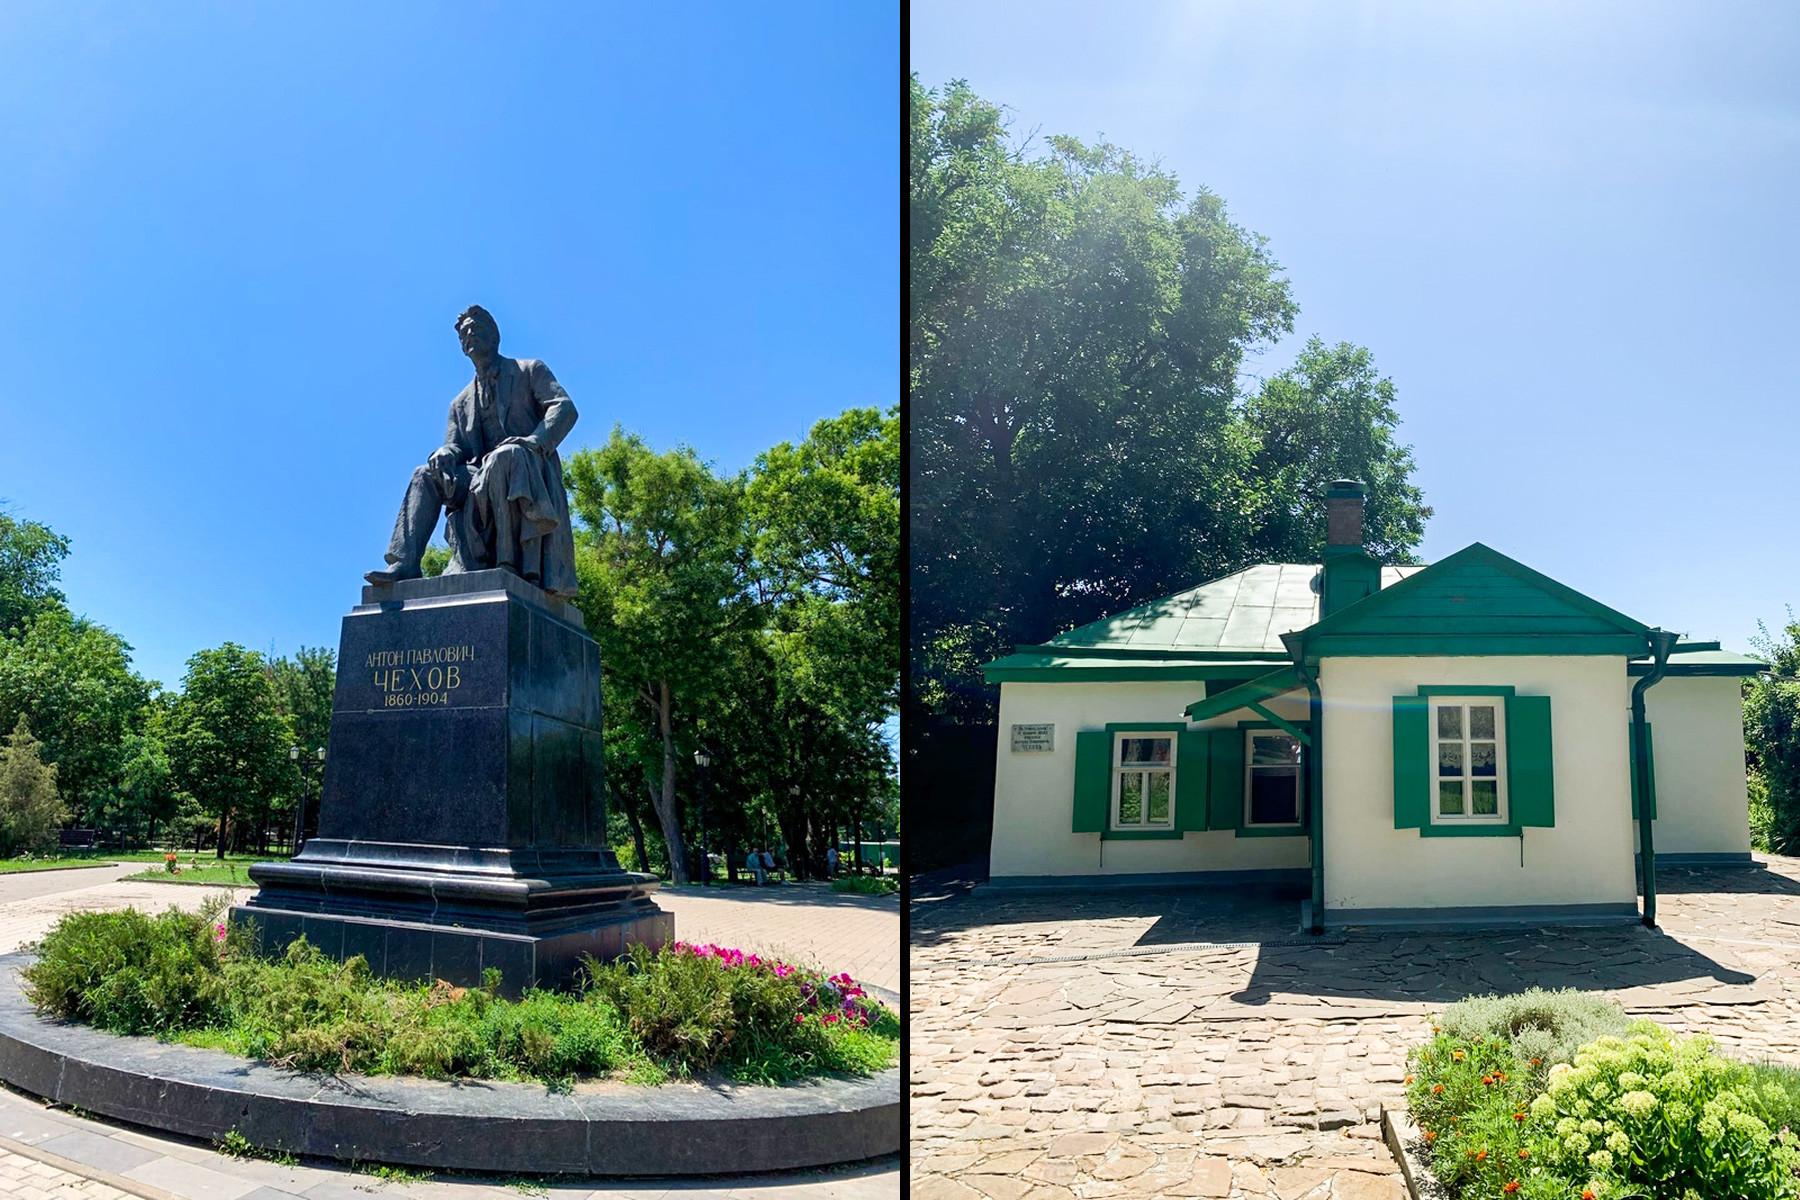 アントン・チェーホフの記念碑とチェーホフが生まれ育った家